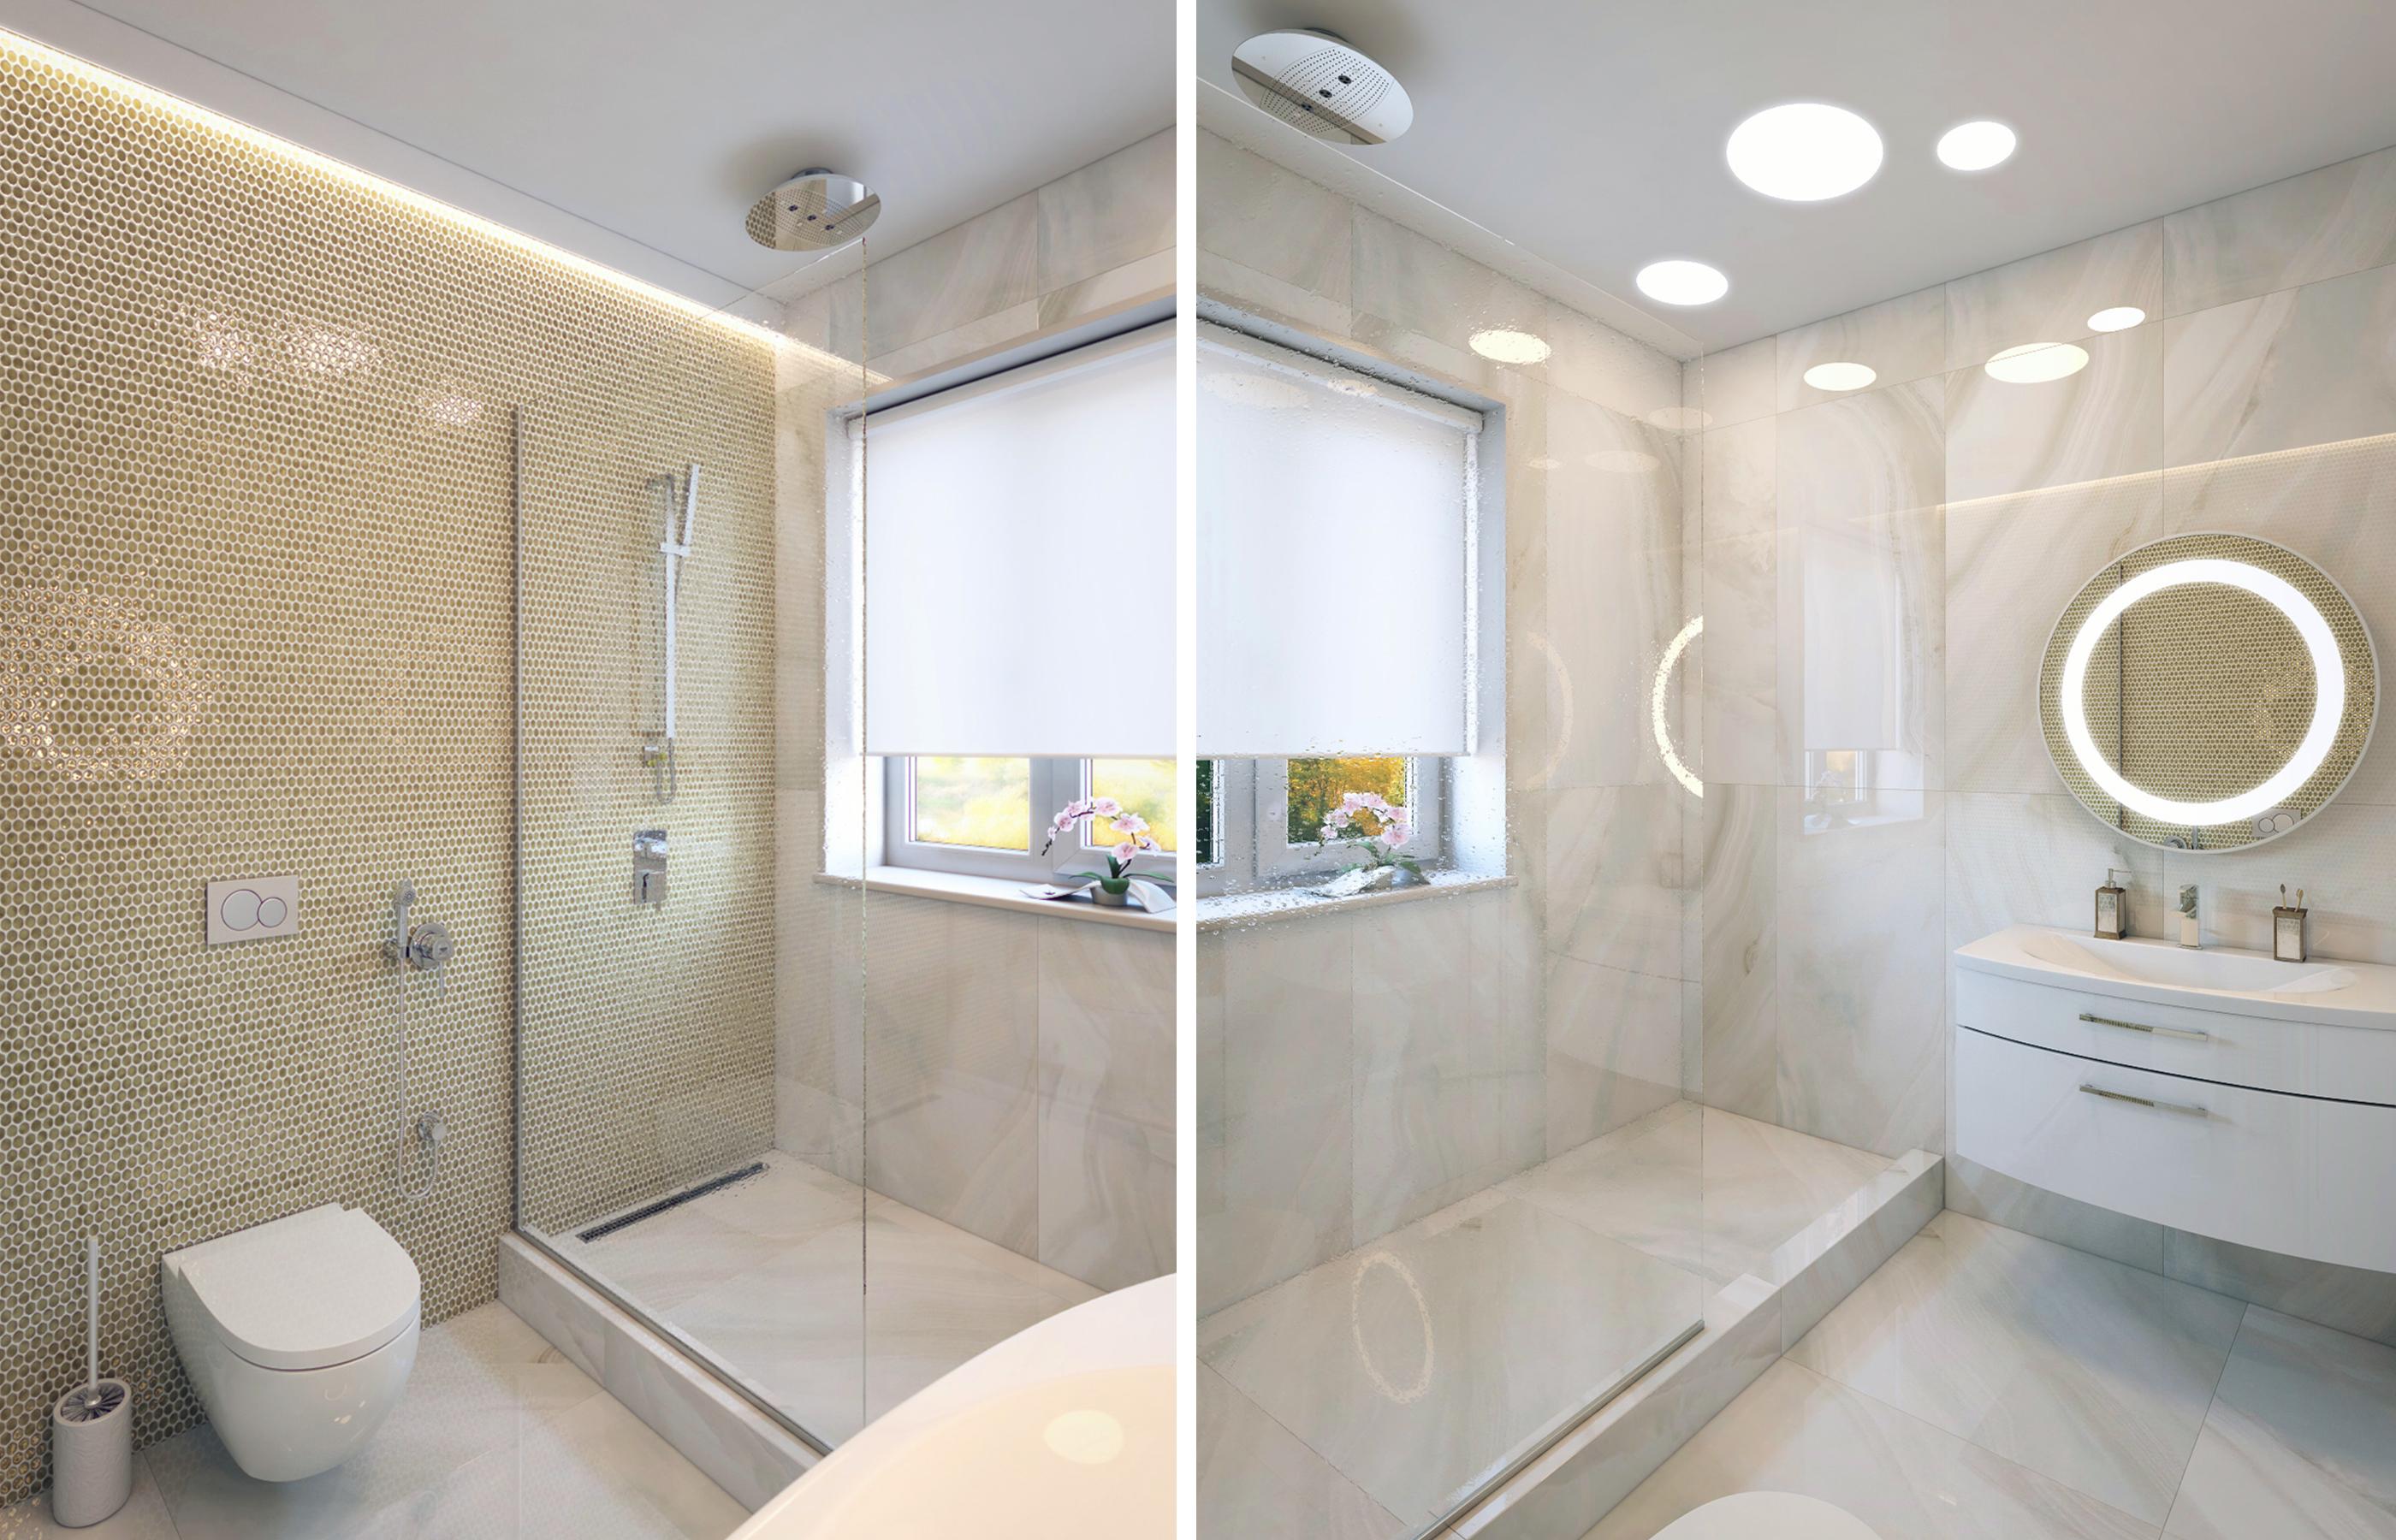 Дизайн интерьера ванной комнаты с мозаикой из натурального перламутра